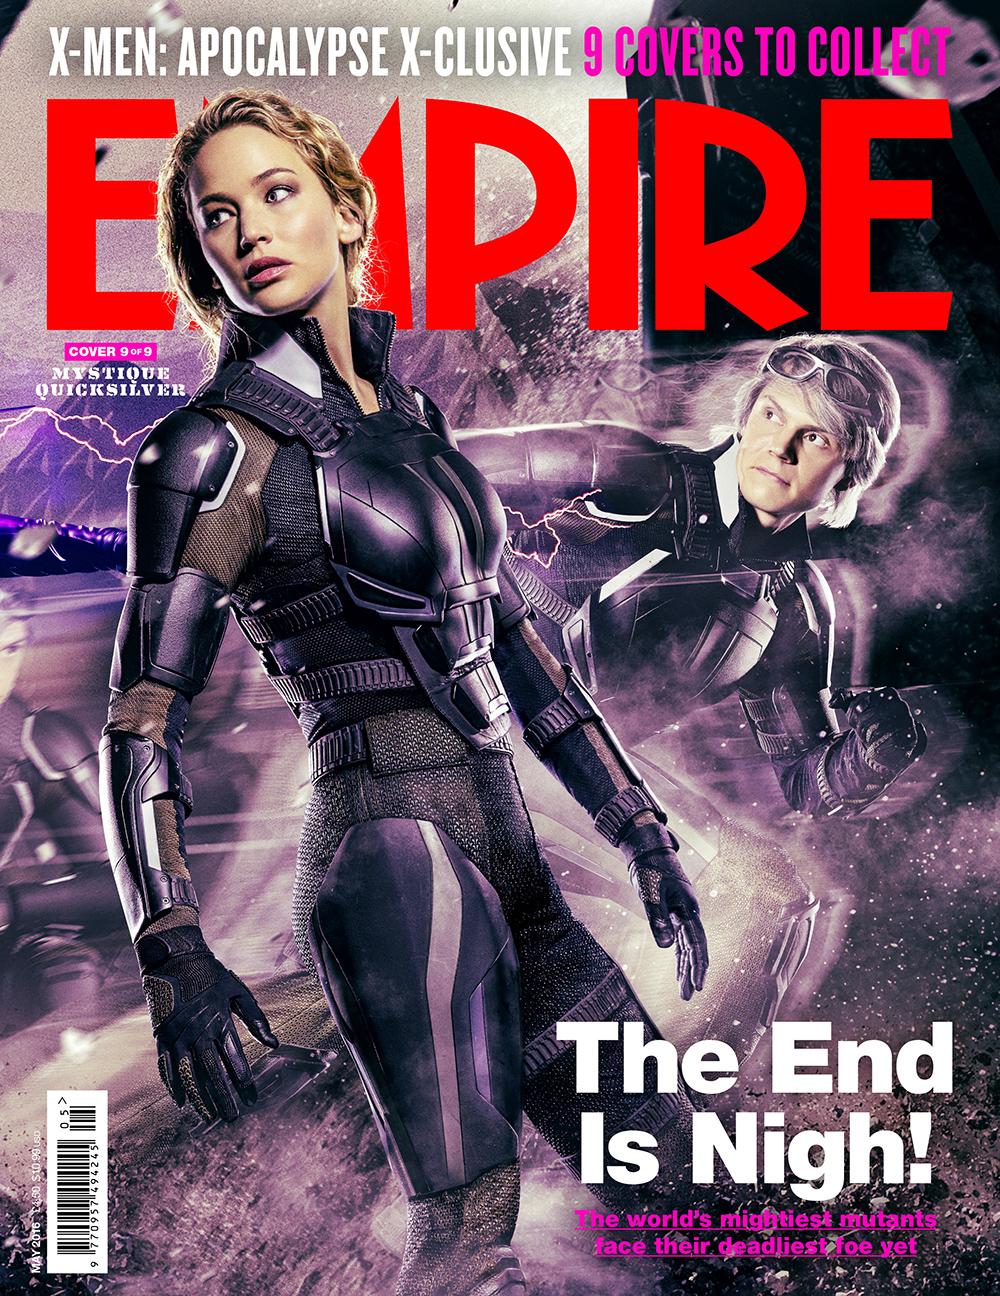 X-Men: Apocalypse New Trailer and Magazine CoversReggie's ...